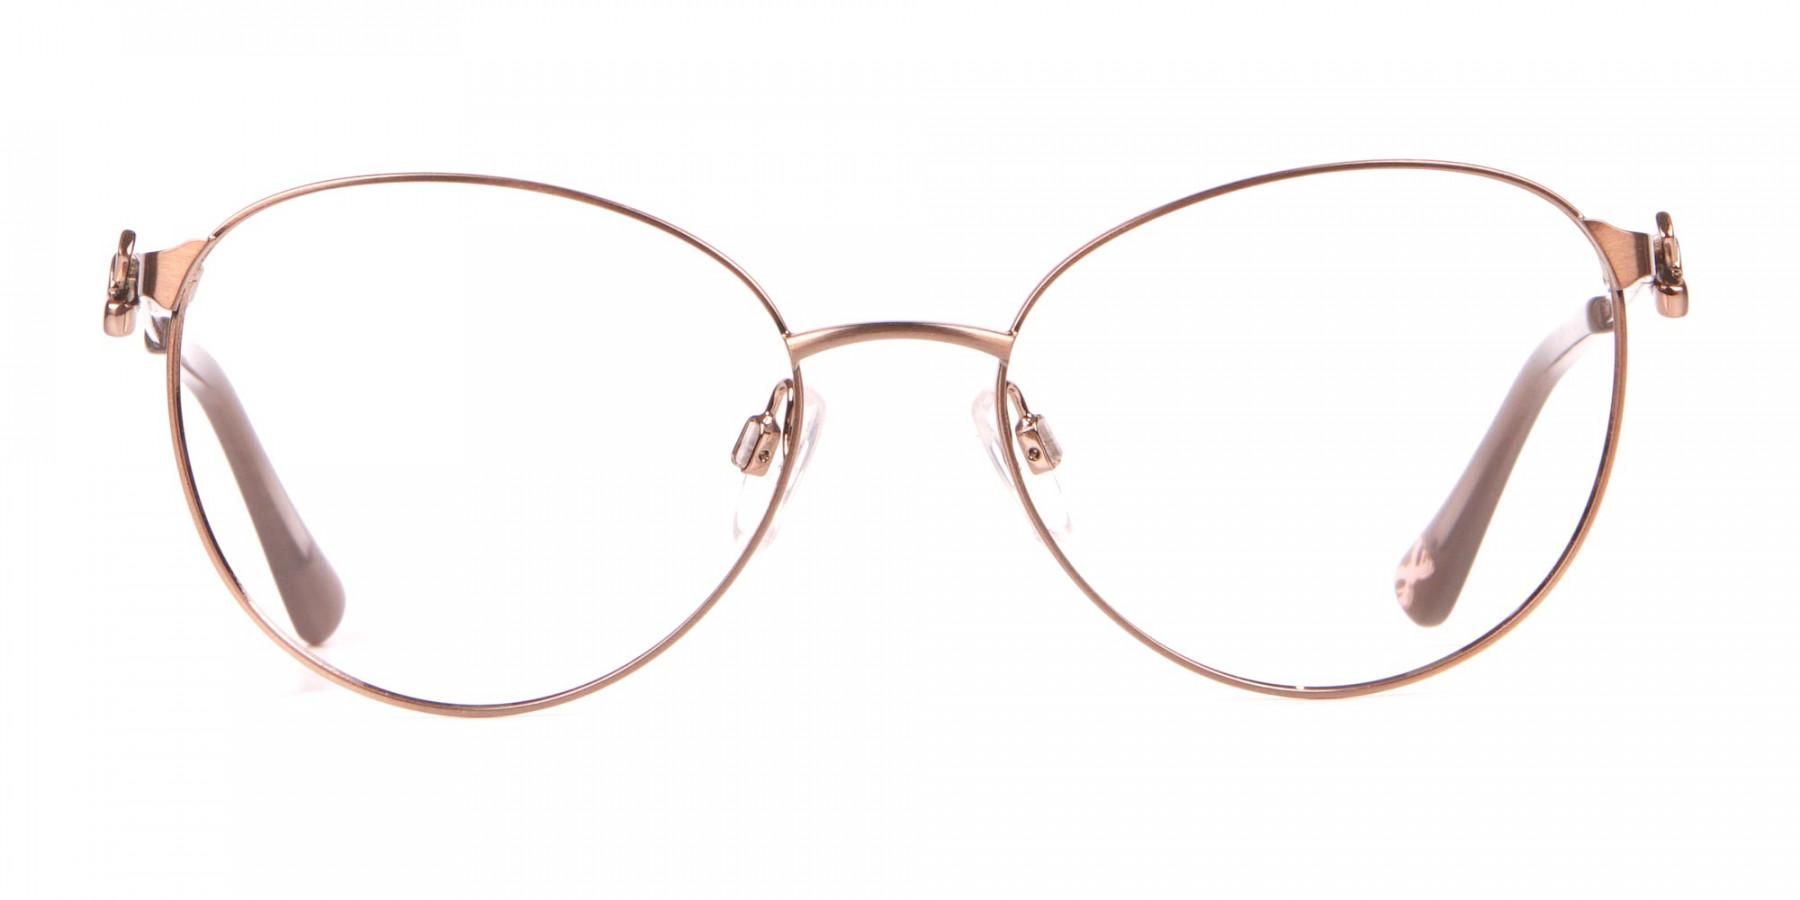 Ted Baker TB2243 Elvie Full Rim Round Metal Glasses Women-1